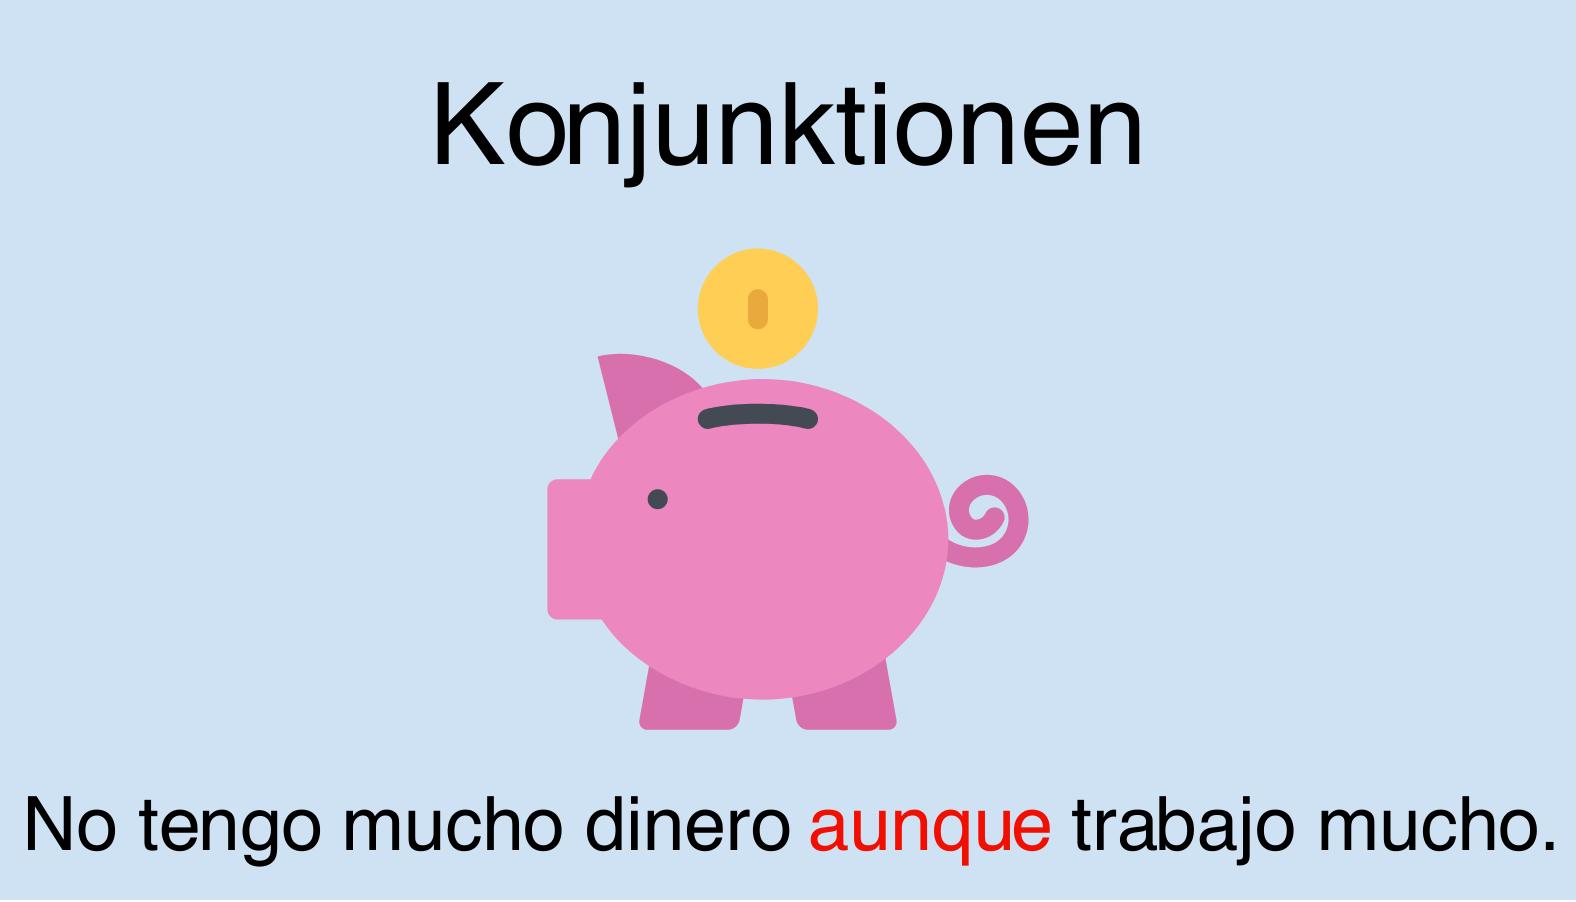 Konjunktionen (Verbindung von Sätzen) im Spanischen